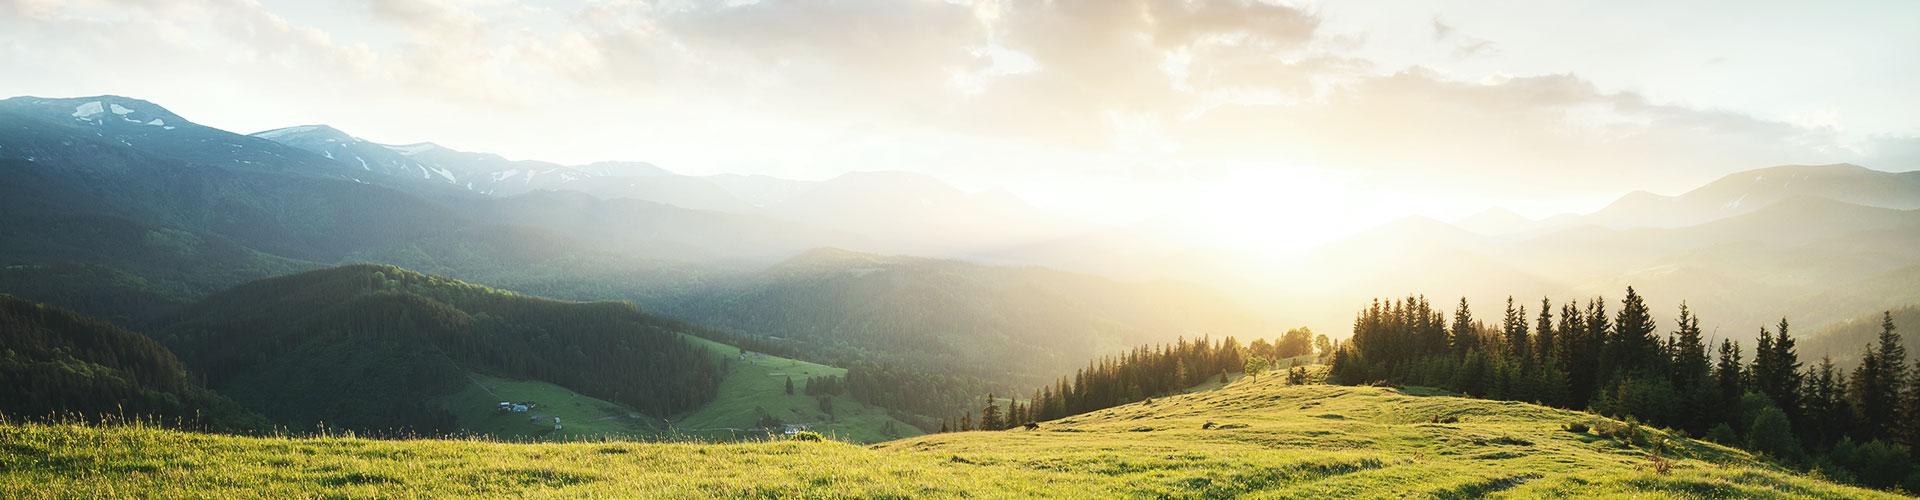 Gegenlichtaufnahme einer bergigen Landschaft